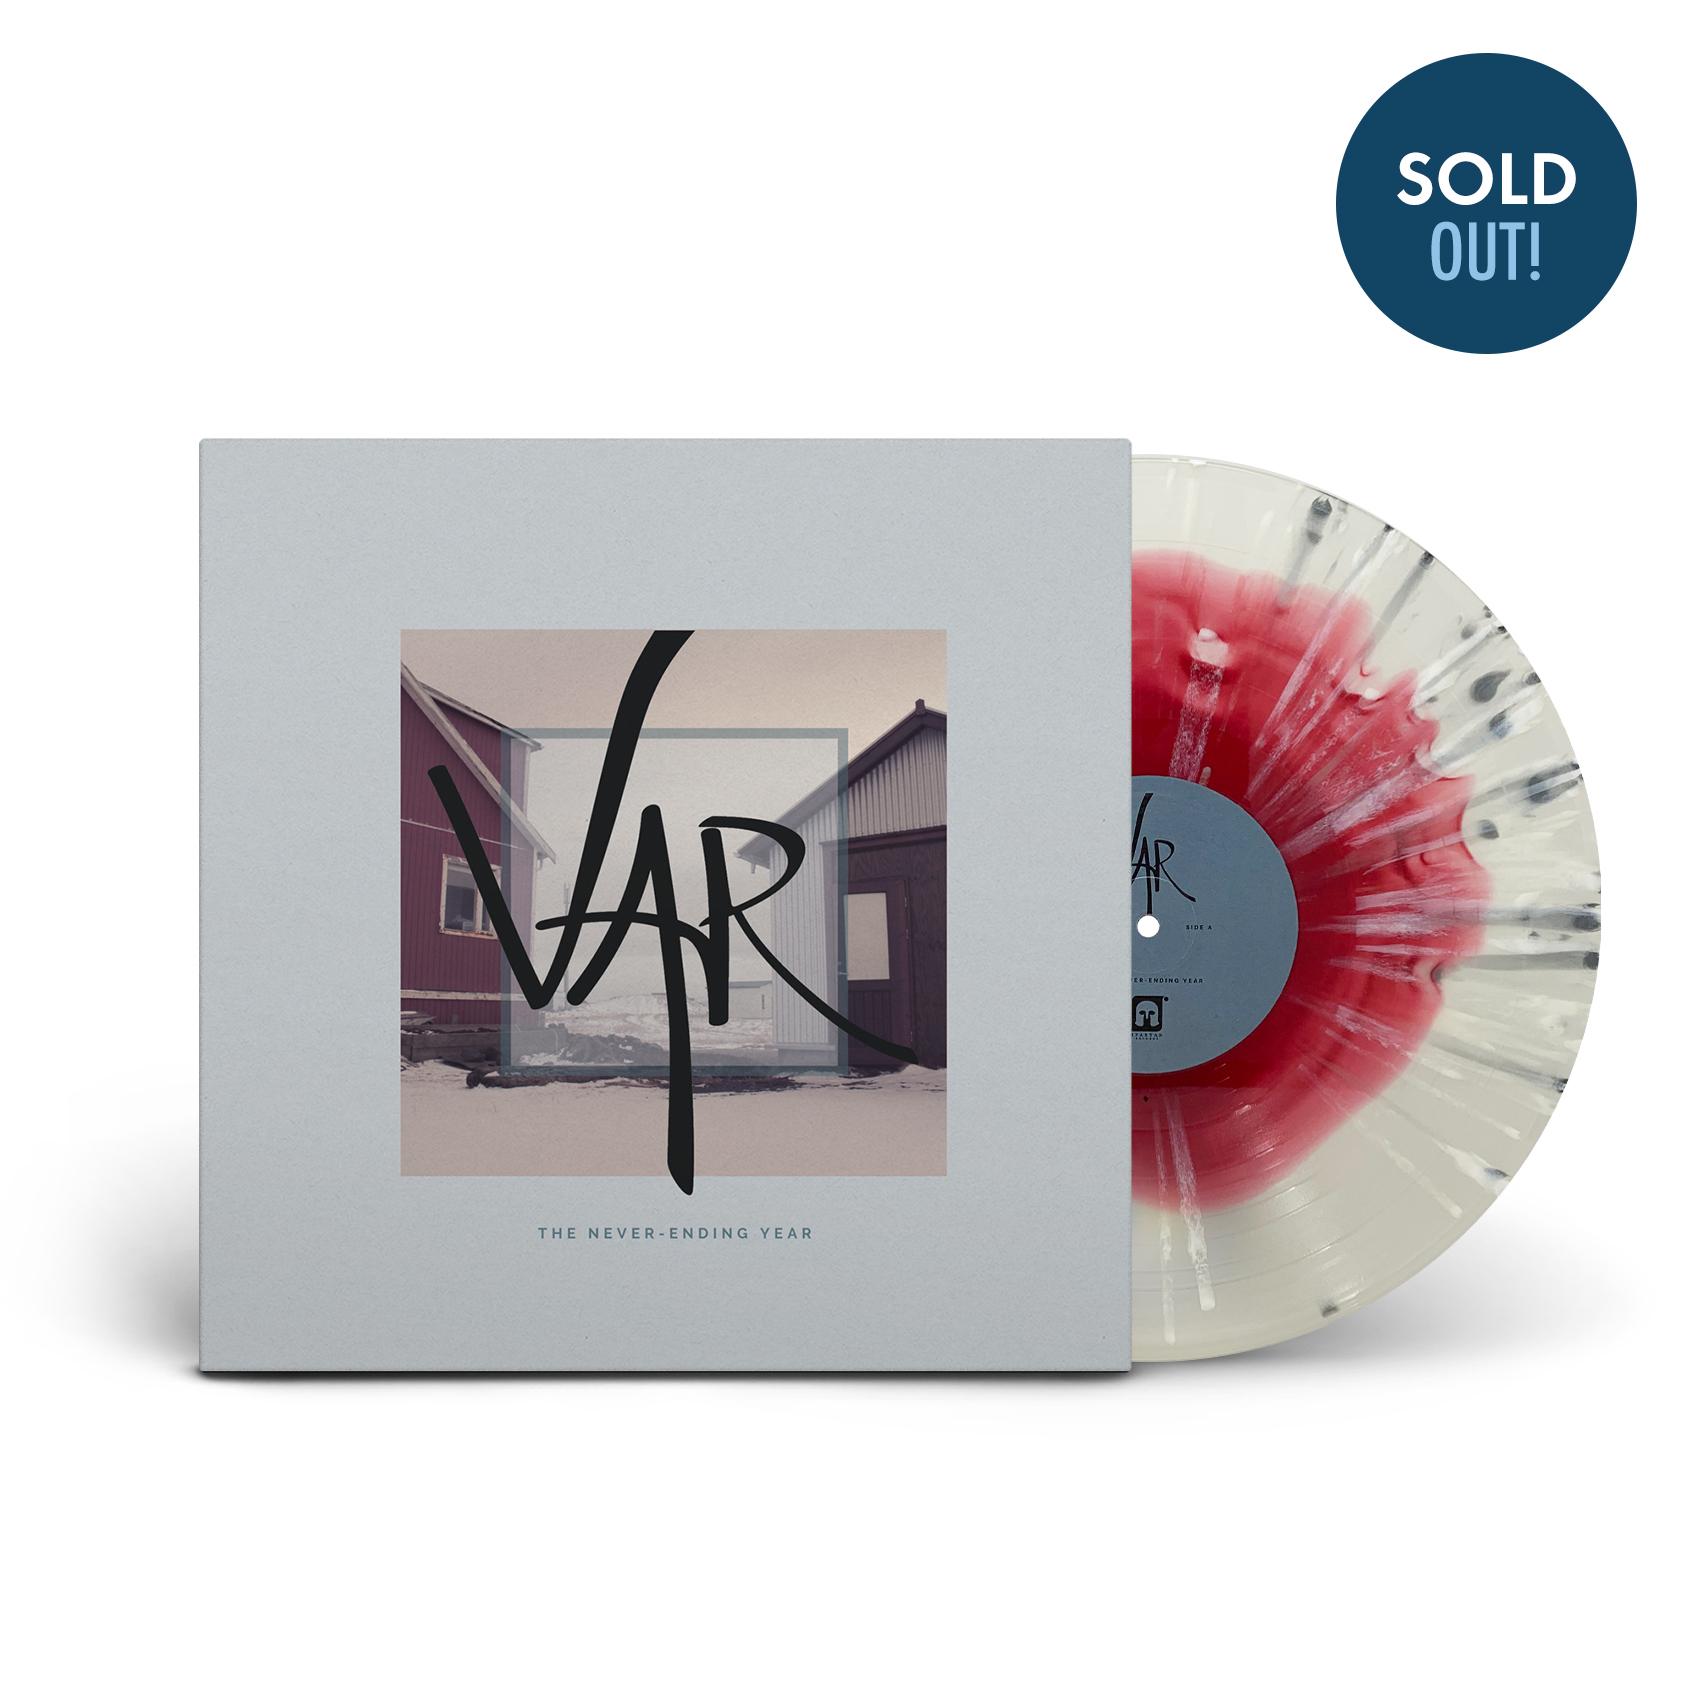 VAR - The Never-Ending Year